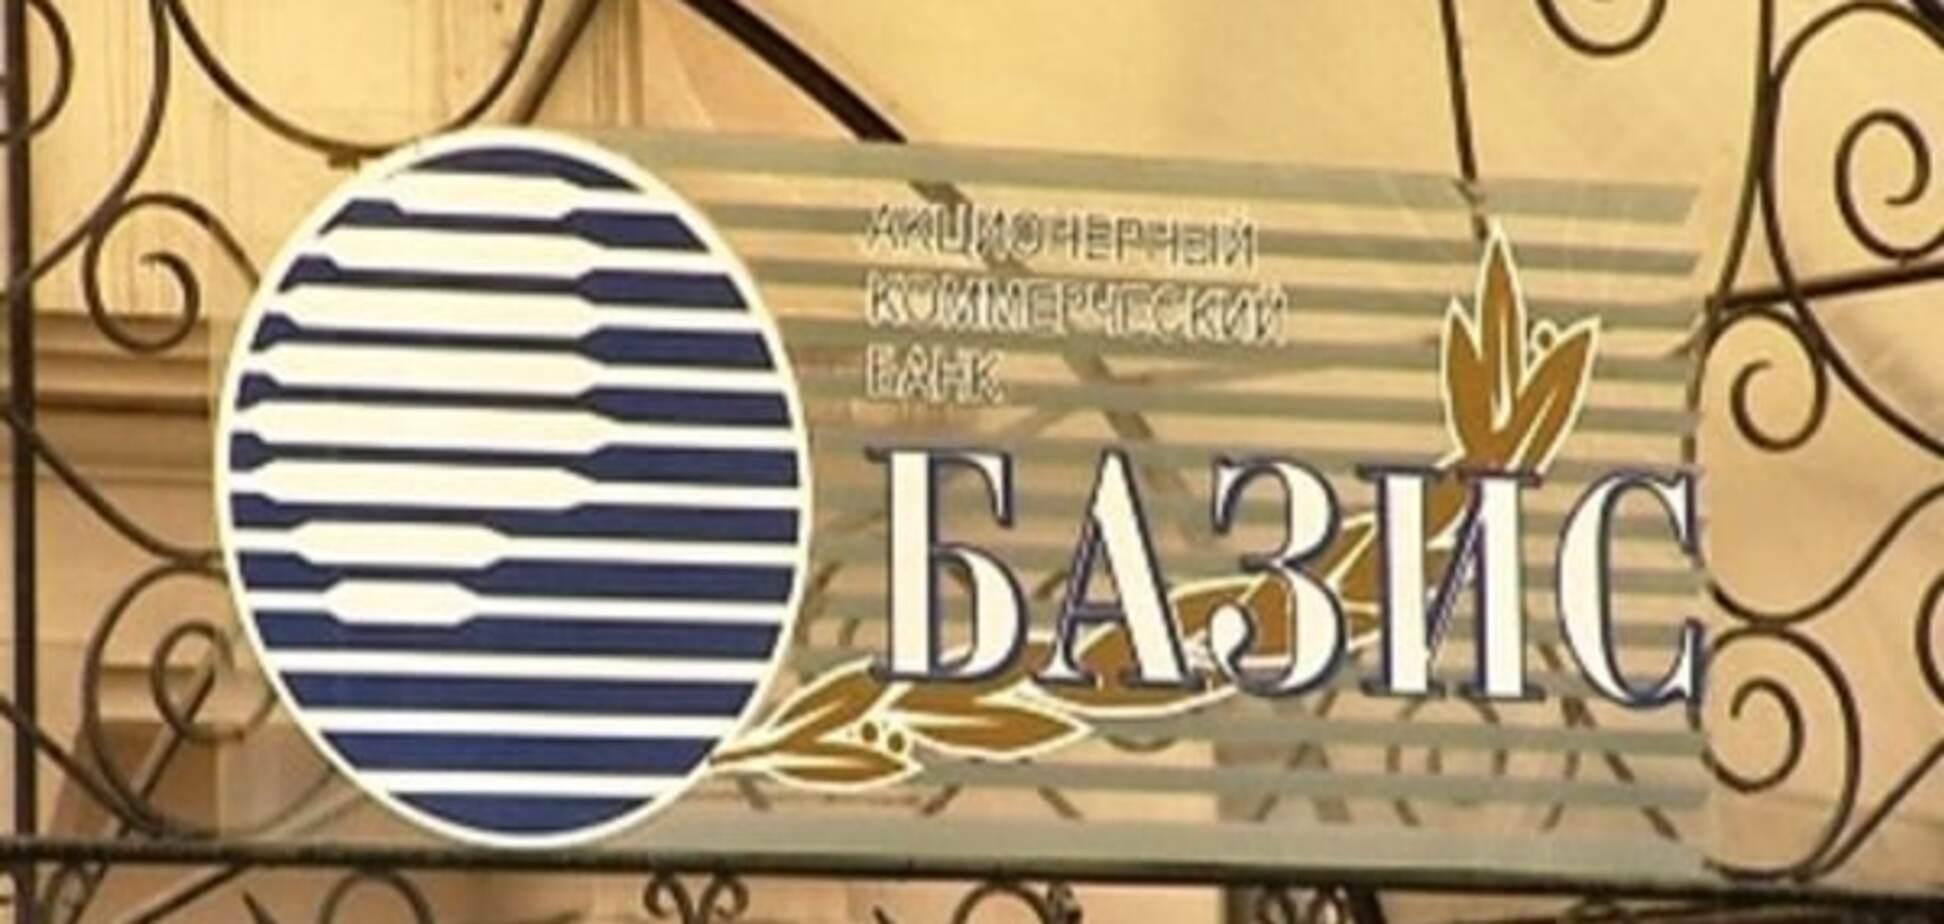 Темні зв'язки: у банку дружини Авакова з'явився донецький акціонер